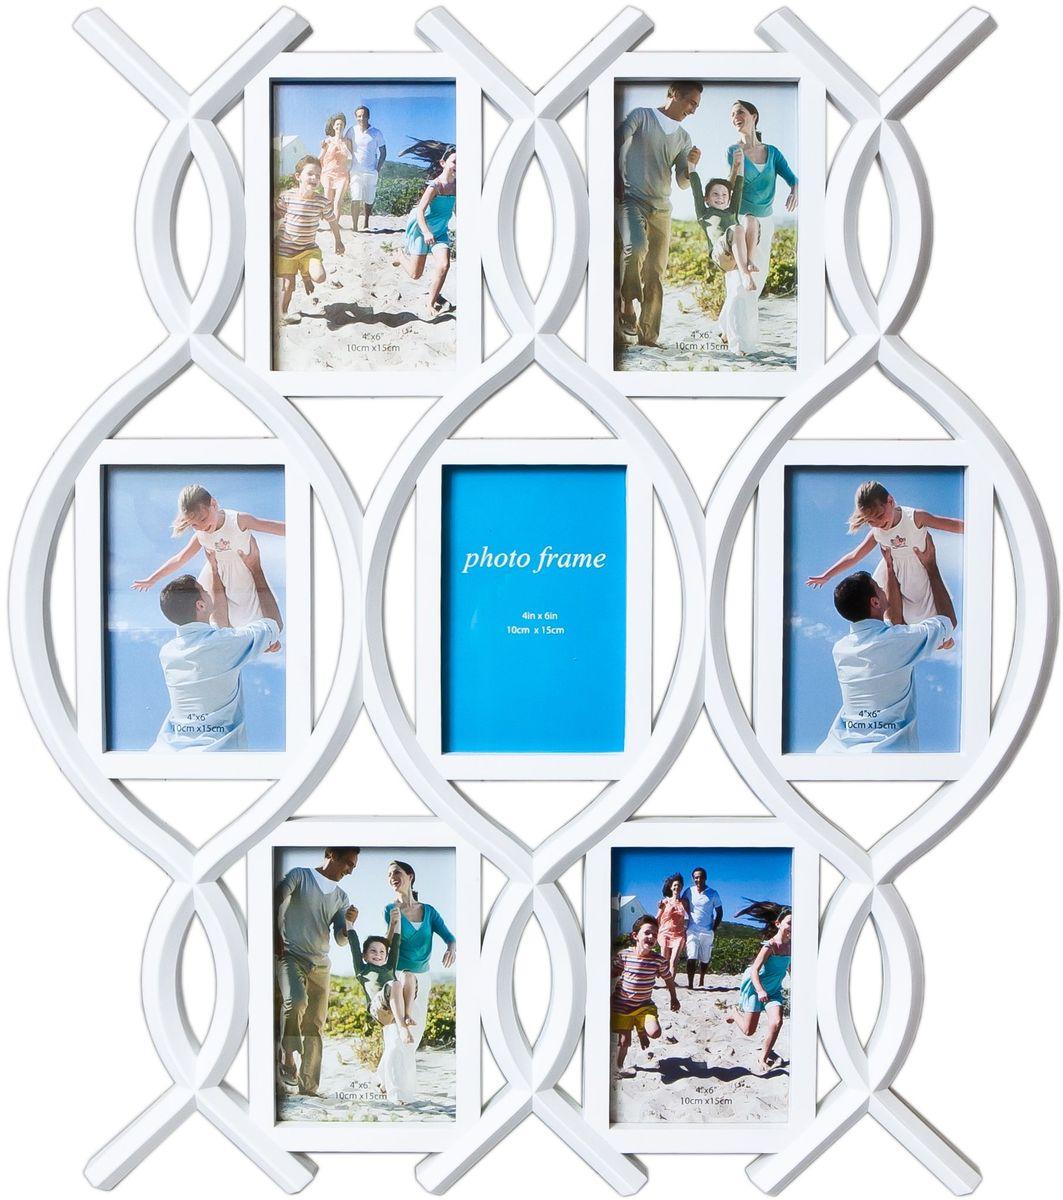 Фоторамка Platinum, цвет: белый, на 7 фото 10 х 15 см. BH-1407Platinum JW100-1-ЧЕРНЫЙ 21x30Фоторамка Platinum - прекрасный способ красиво оформить ваши фотографии. Фоторамка выполнена из пластика и защищена стеклом. Фоторамка-коллаж представляет собой семь фоторамок для фото одного размера оригинально соединенных между собой. Такая фоторамка поможет сохранить в памяти самые яркие моменты вашей жизни, а стильный дизайн сделает ее прекрасным дополнением интерьера комнаты. Фоторамка подходит для фотографий 10 х 15 см.Общий размер фоторамки: 51 х 58 см.